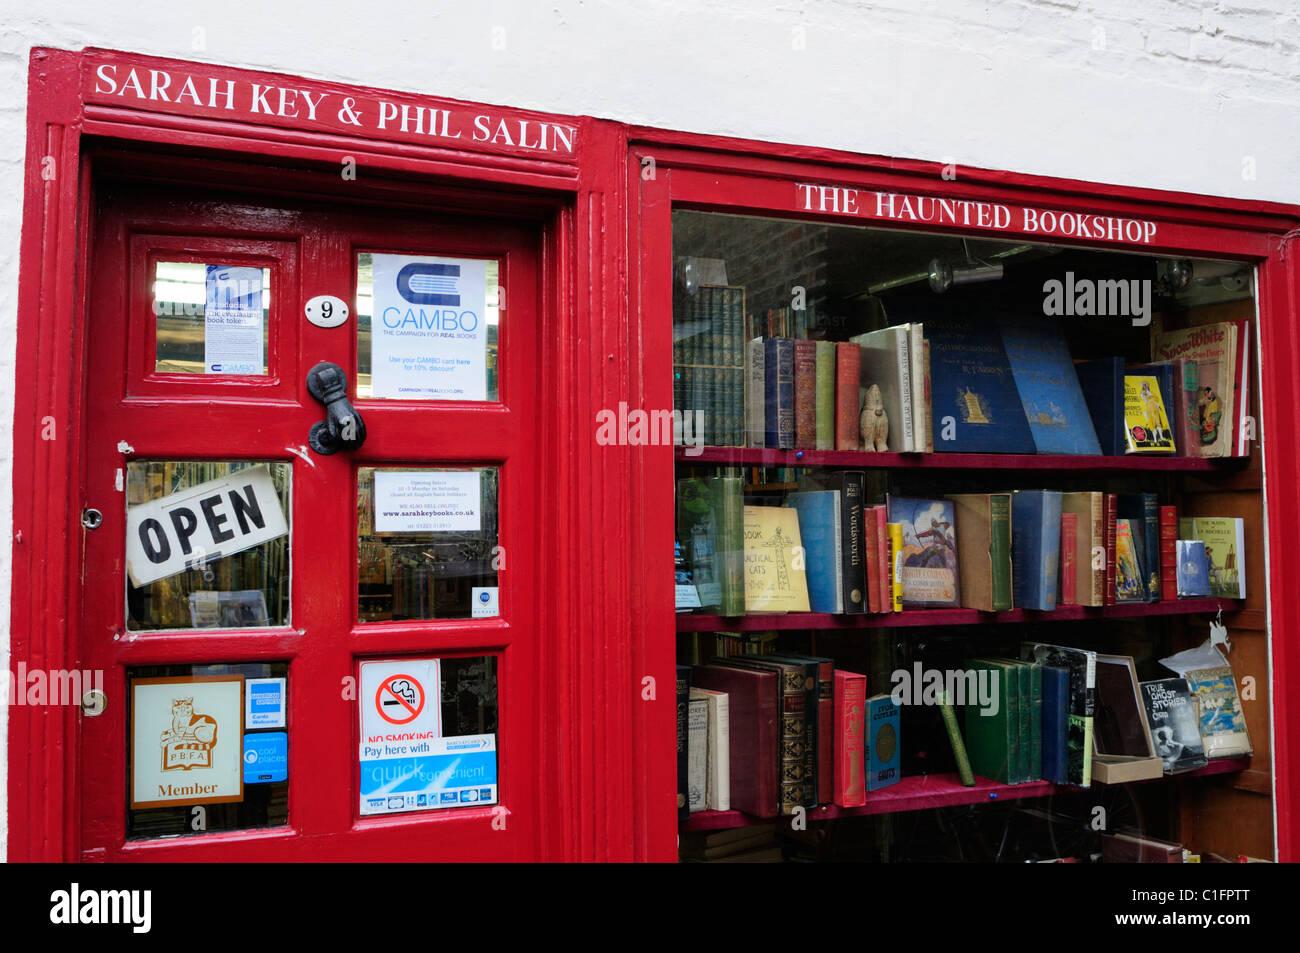 La Haunted Bookshop, St Edward's passaggio, Cambridge, Inghilterra, Regno Unito Immagini Stock